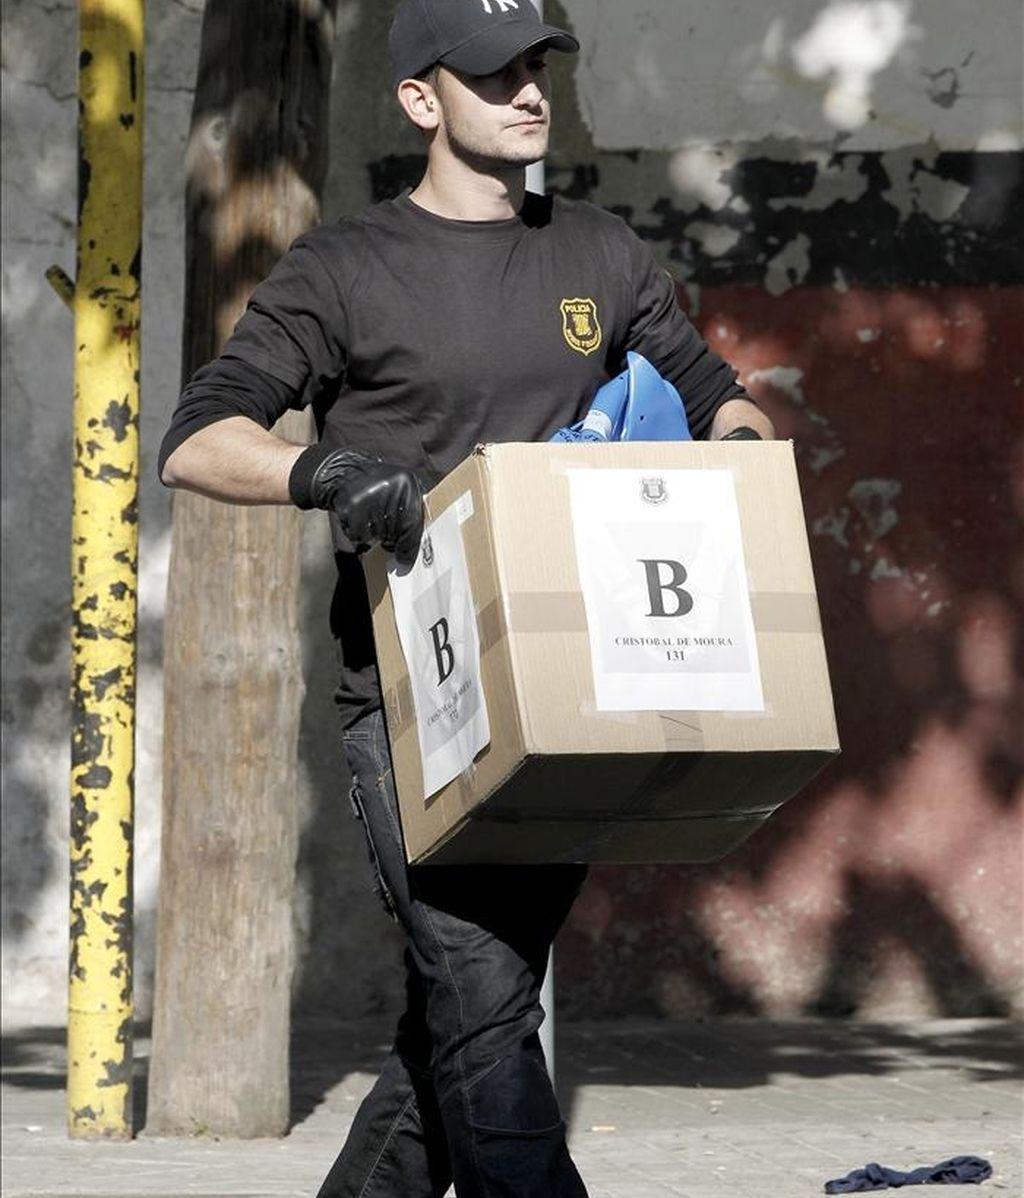 Un Mosso d'Esquadra transporta una caja con pruebas durante una macro operación policial que la policía autonómica catalana está llevando a cabo en el distrito de Sant Martí de Barcelona contra una banda dedicada al robo de cobre y a su comercialización, en la que han sido detenidas 50 personas. EFE